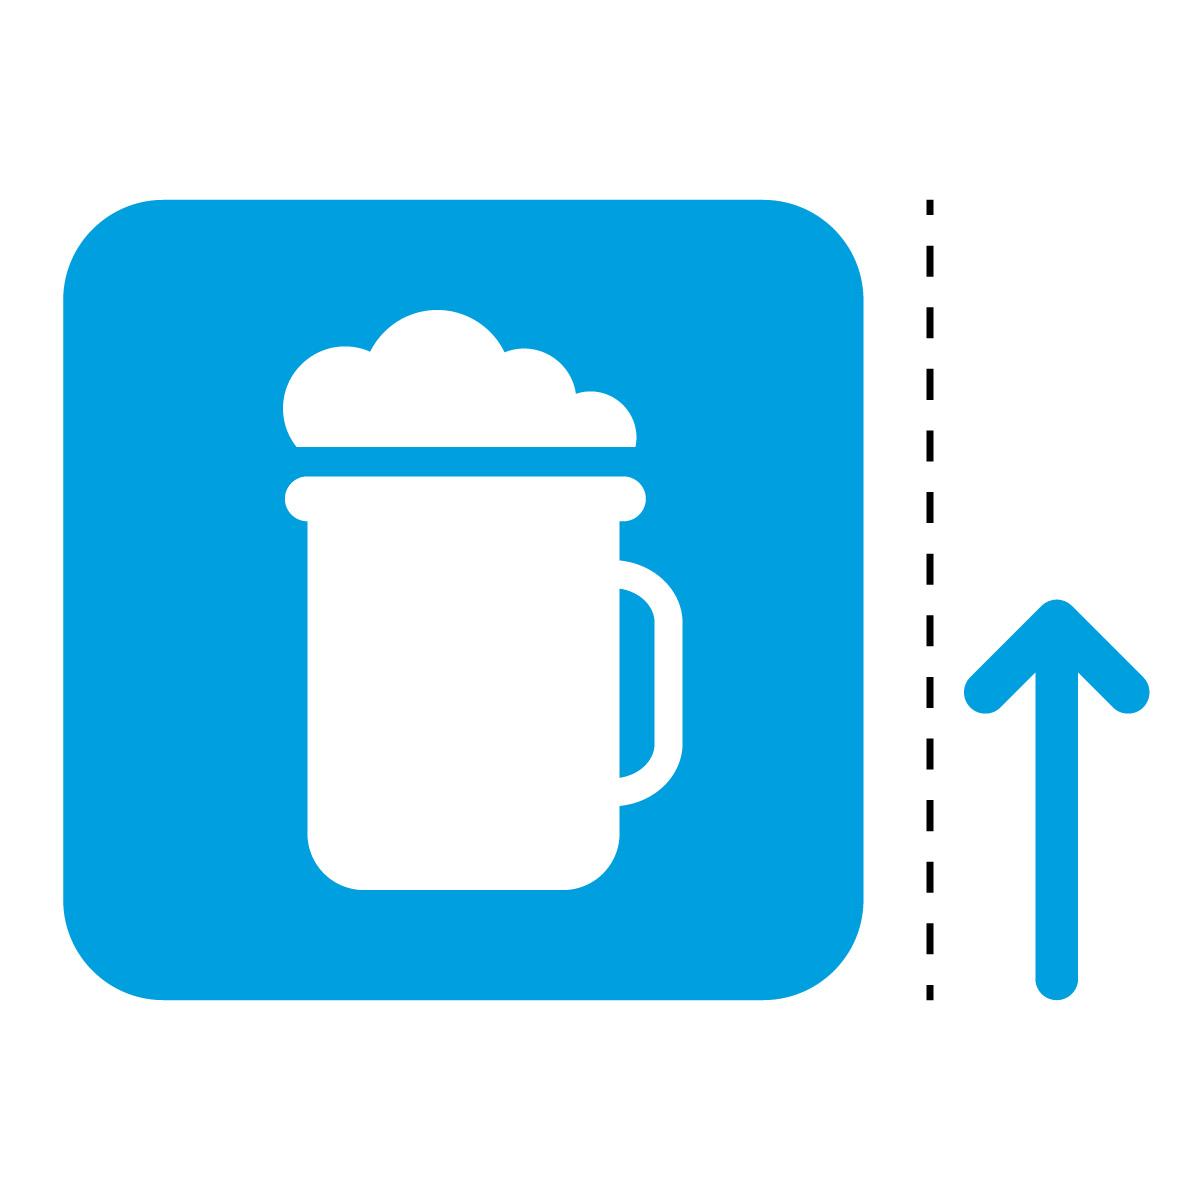 青色のビール アルコール 案内 販売 マーク(矢印付き)のカッティング ステッカー シール 光沢タイプ・防水・耐水・屋外耐候3~4年